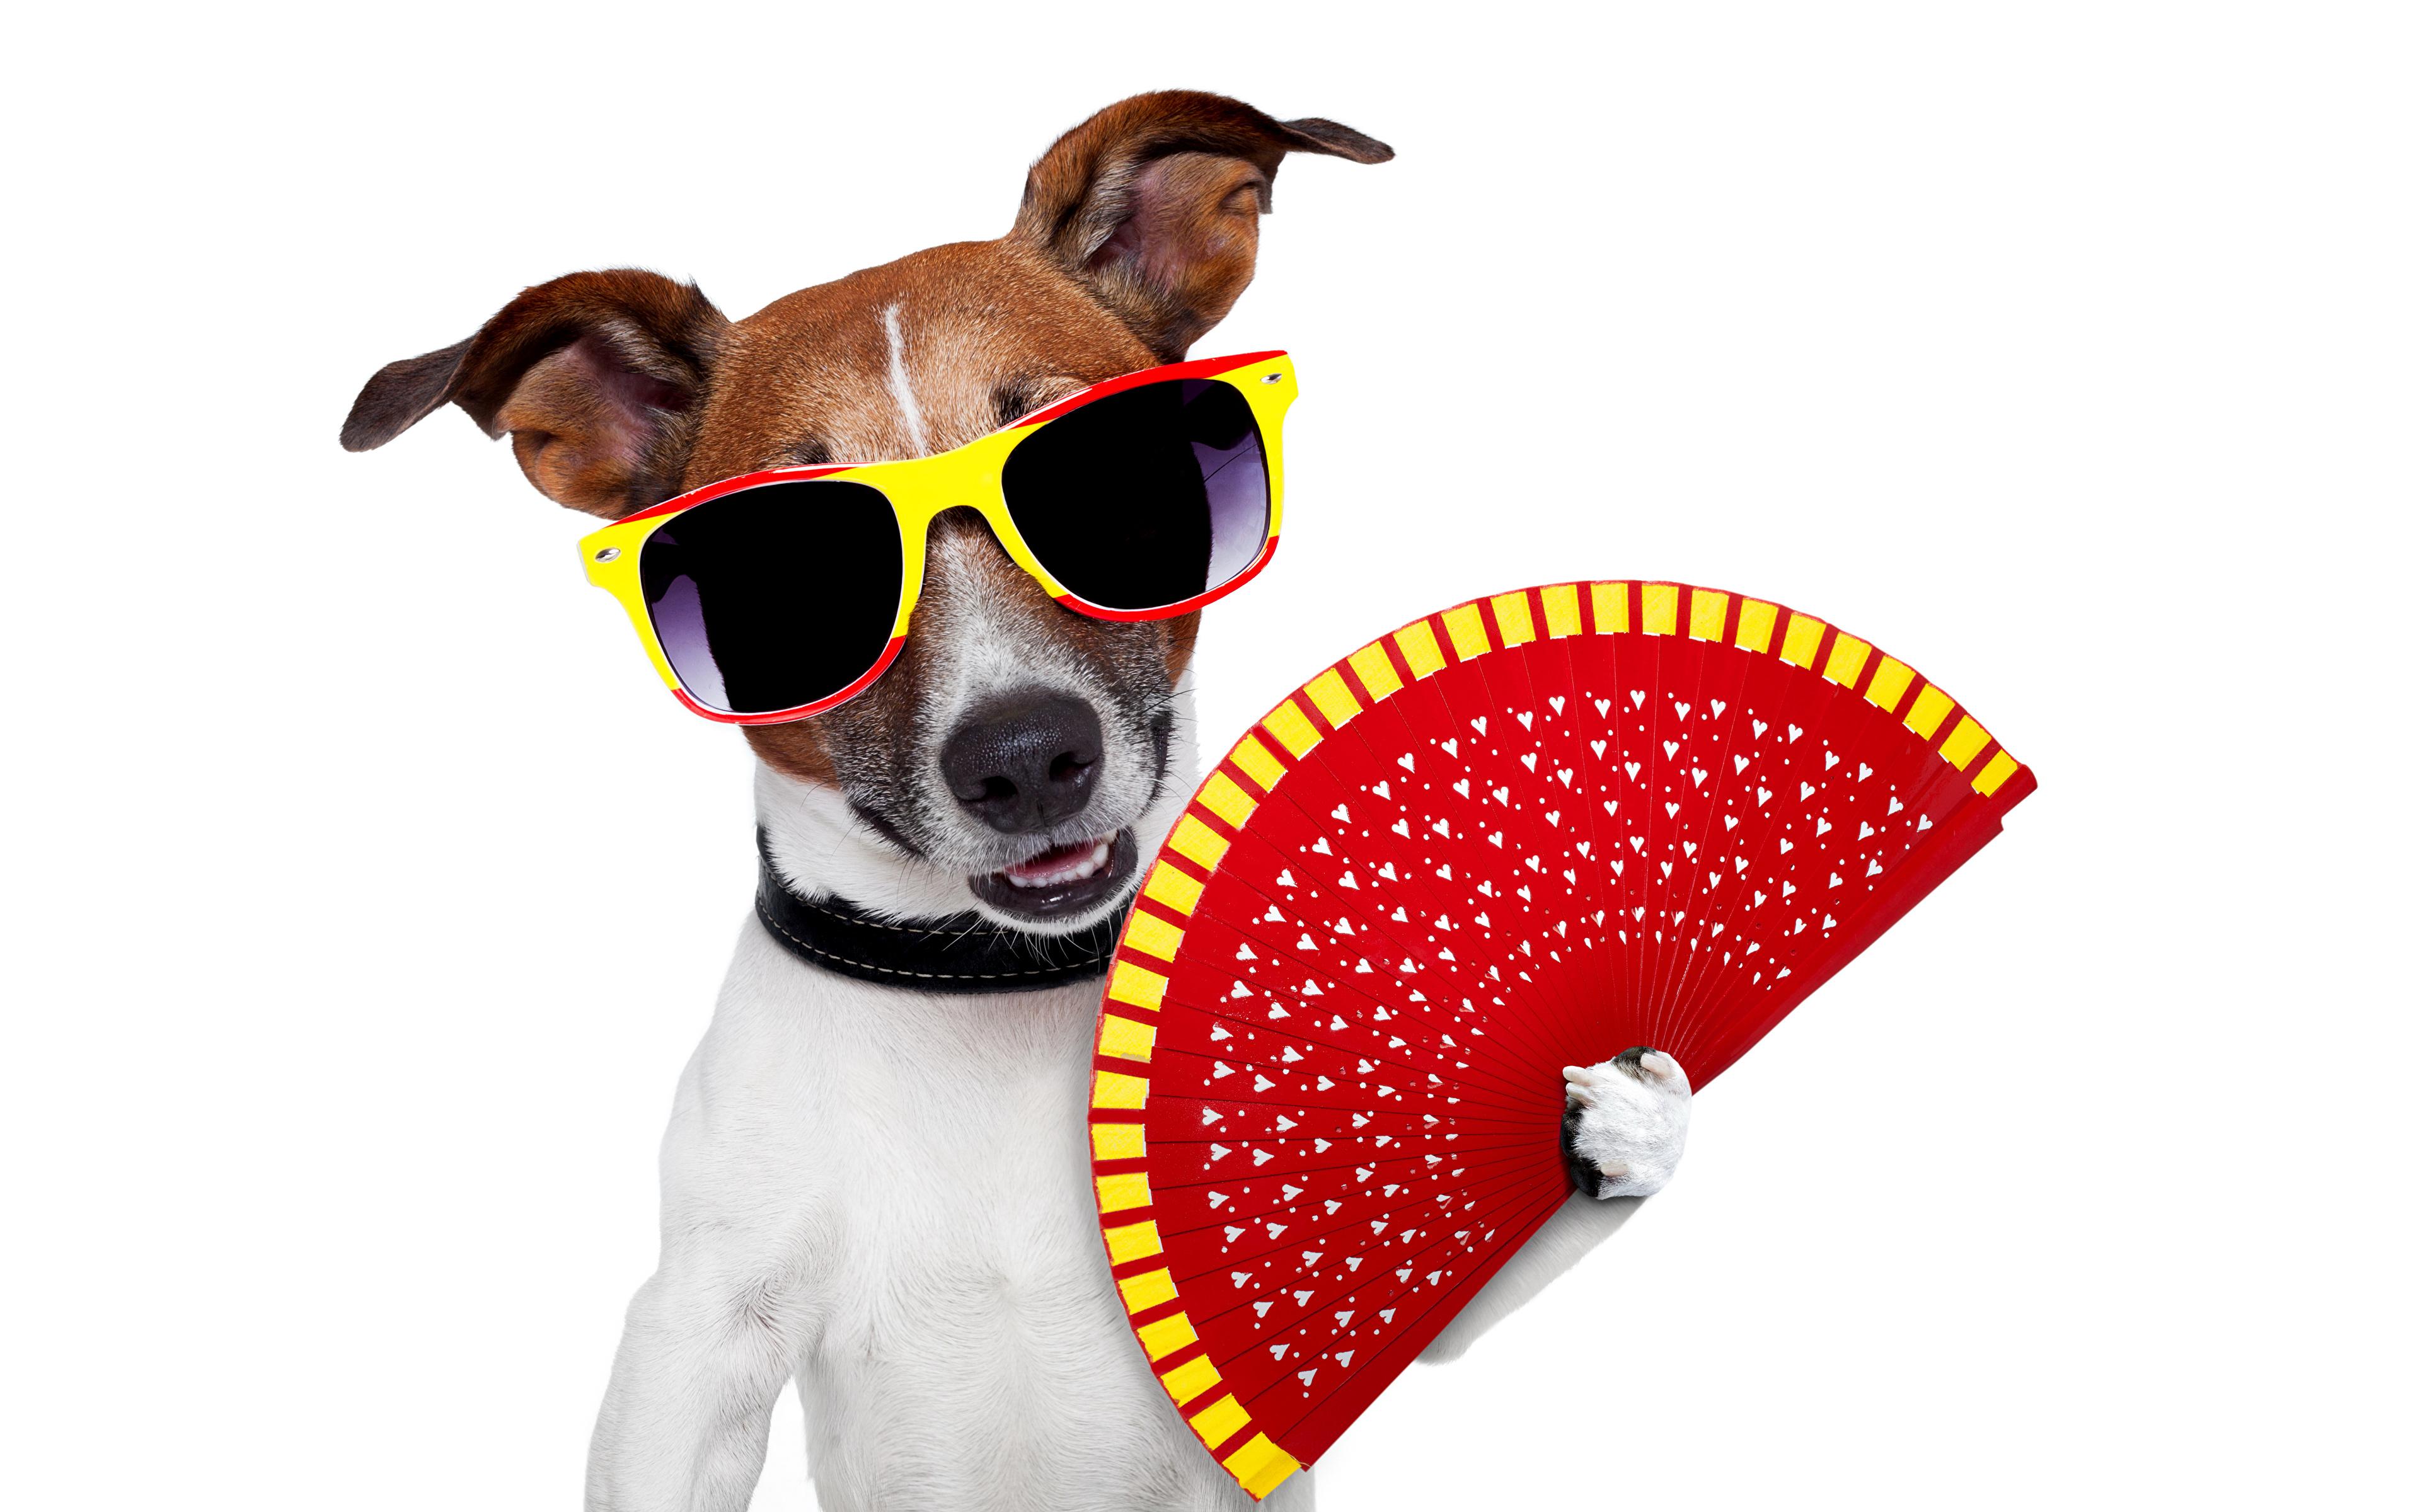 Певец собака юмор очки  № 1527418 бесплатно